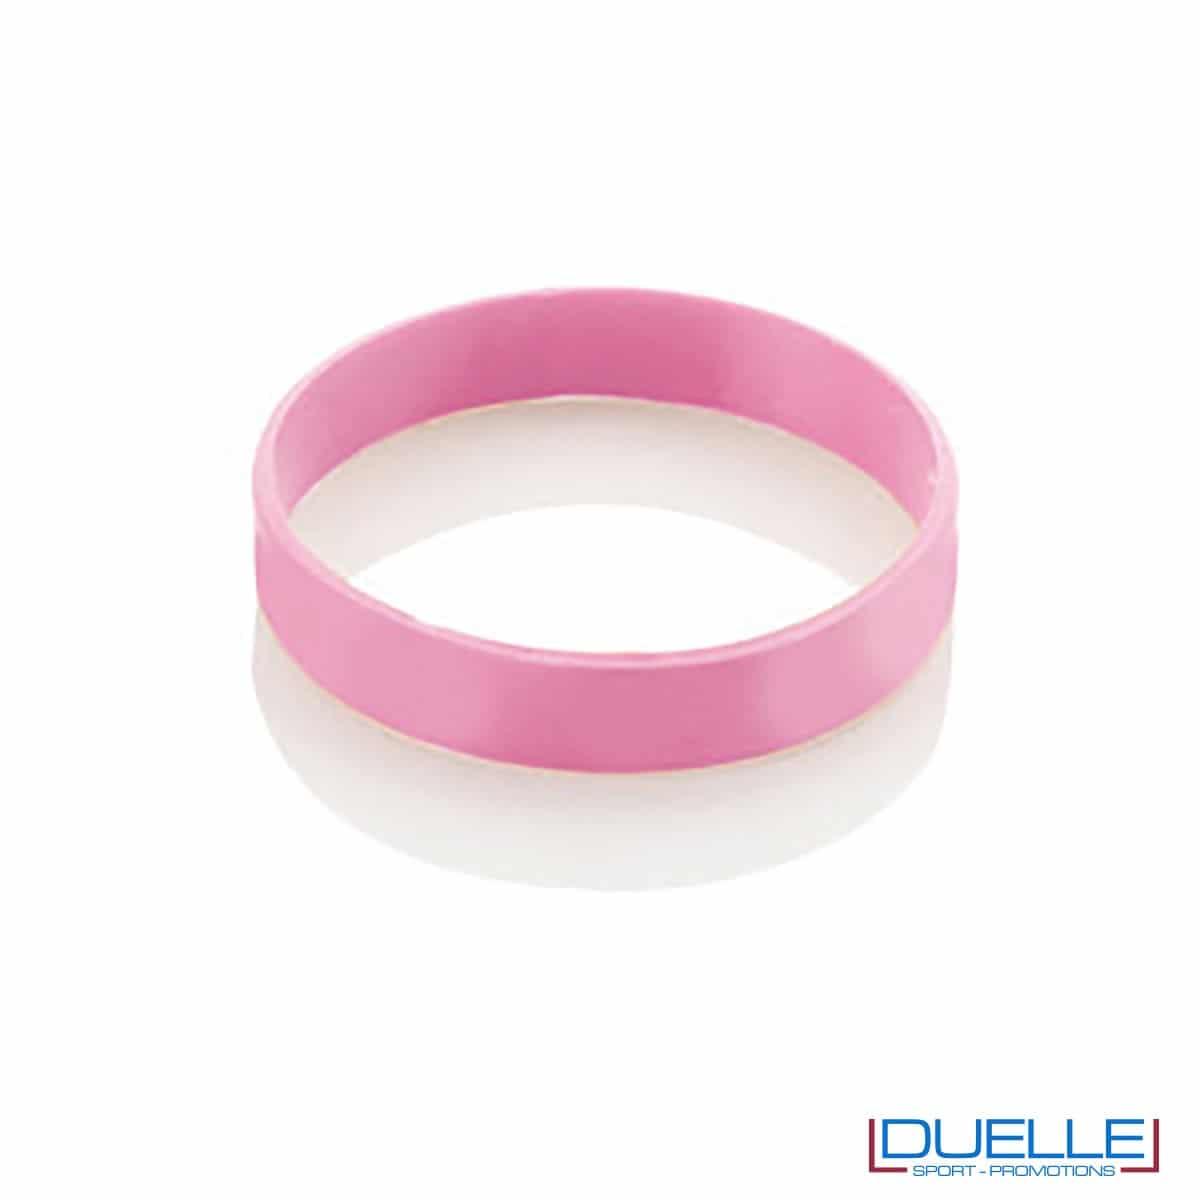 bracciale in silicone personalizzato rosa Europei 2016, gadget estate sport, gadget Europei 2016, gadget tifo